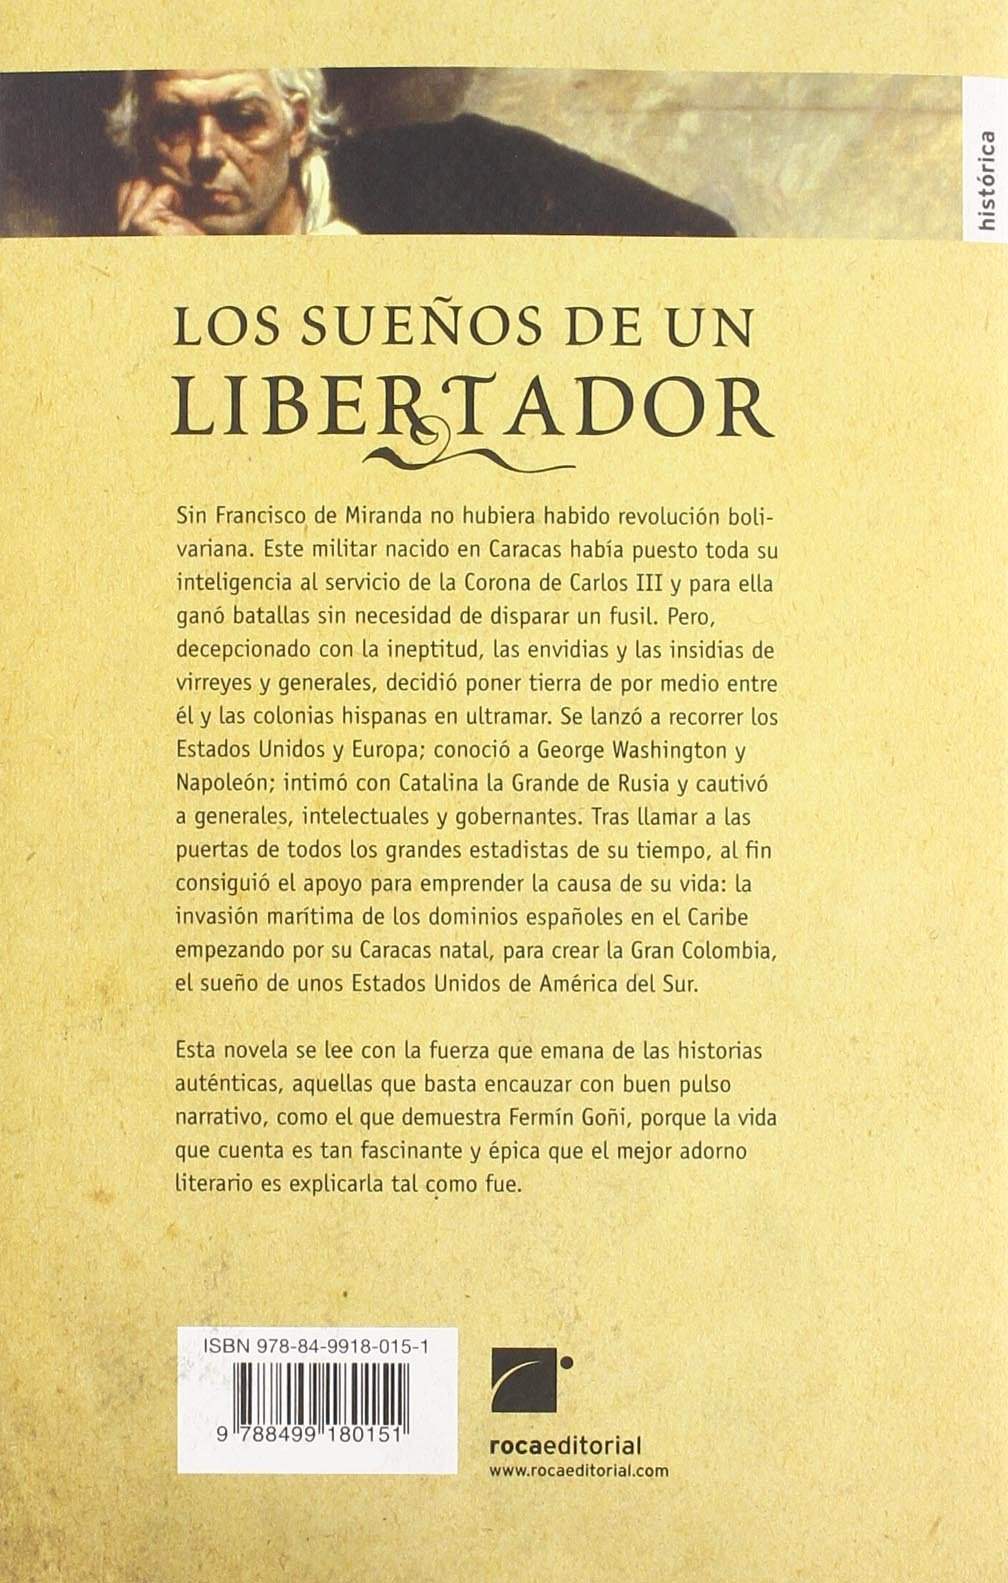 Amazon.com: Los suenos de un libertador (Roca Editorial Historica) (Spanish Edition) (9788499180151): Fermin Goñi: Books